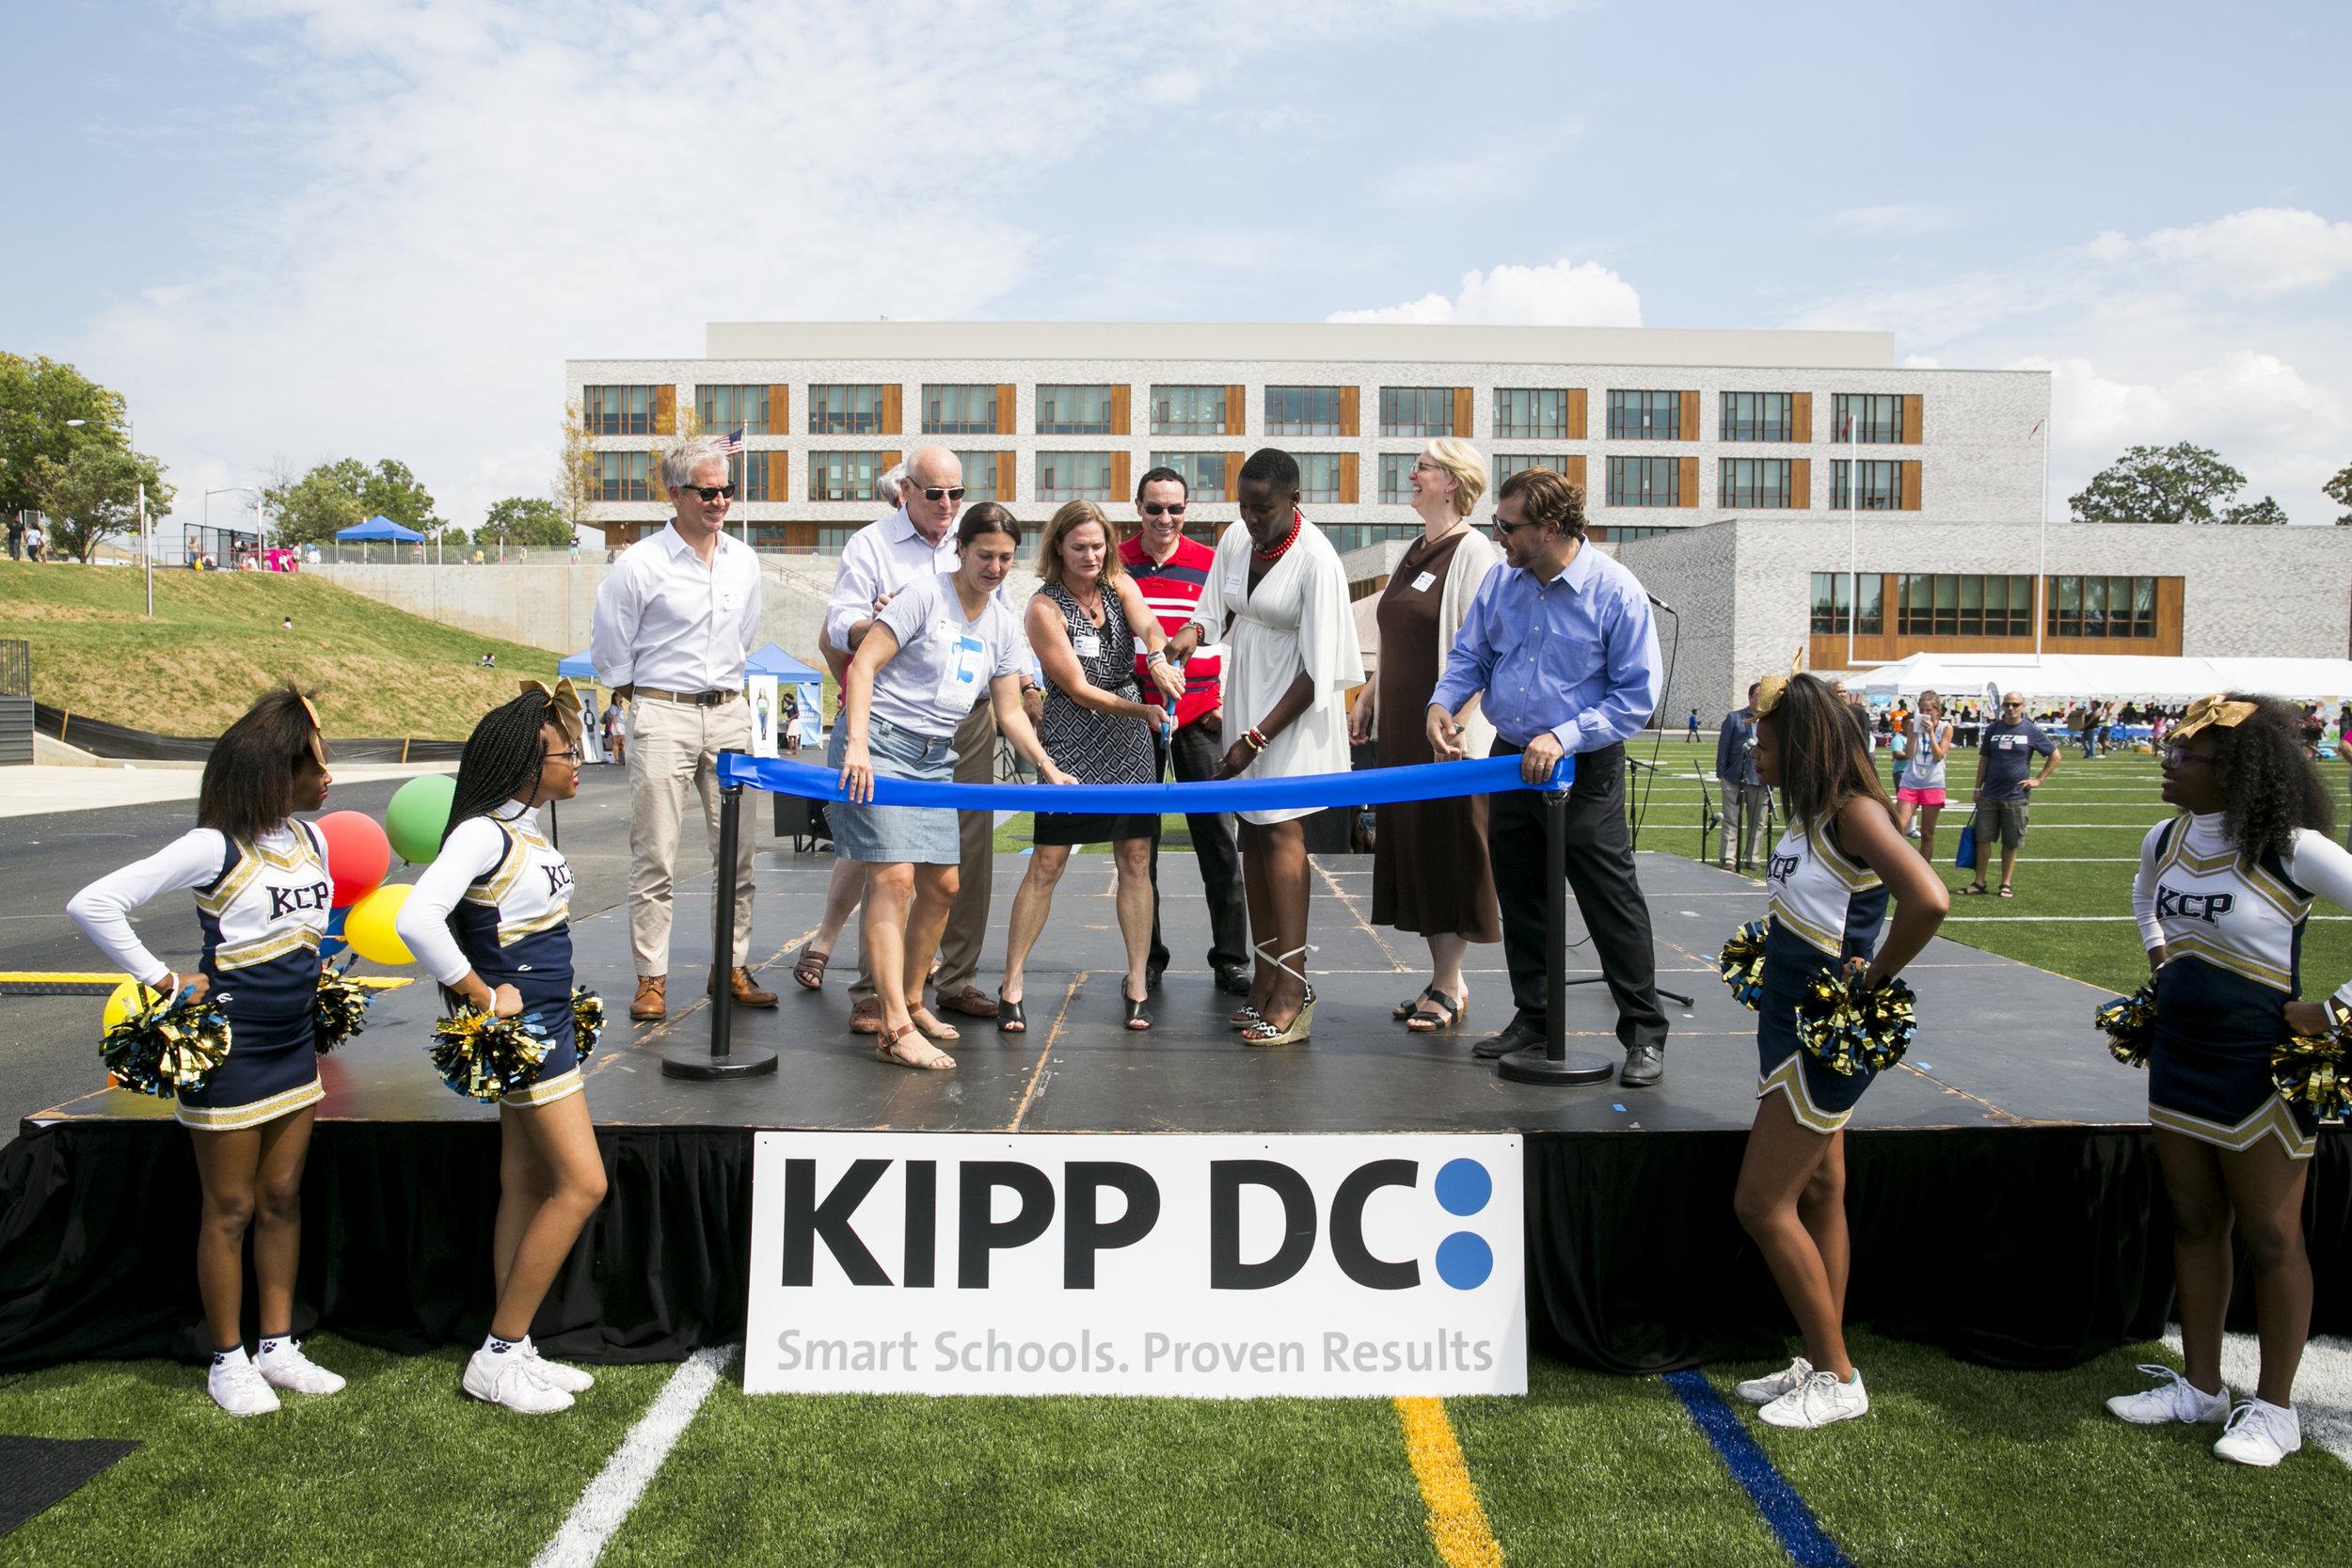 20160910_KIPP_Team_Family_Day_588.jpg